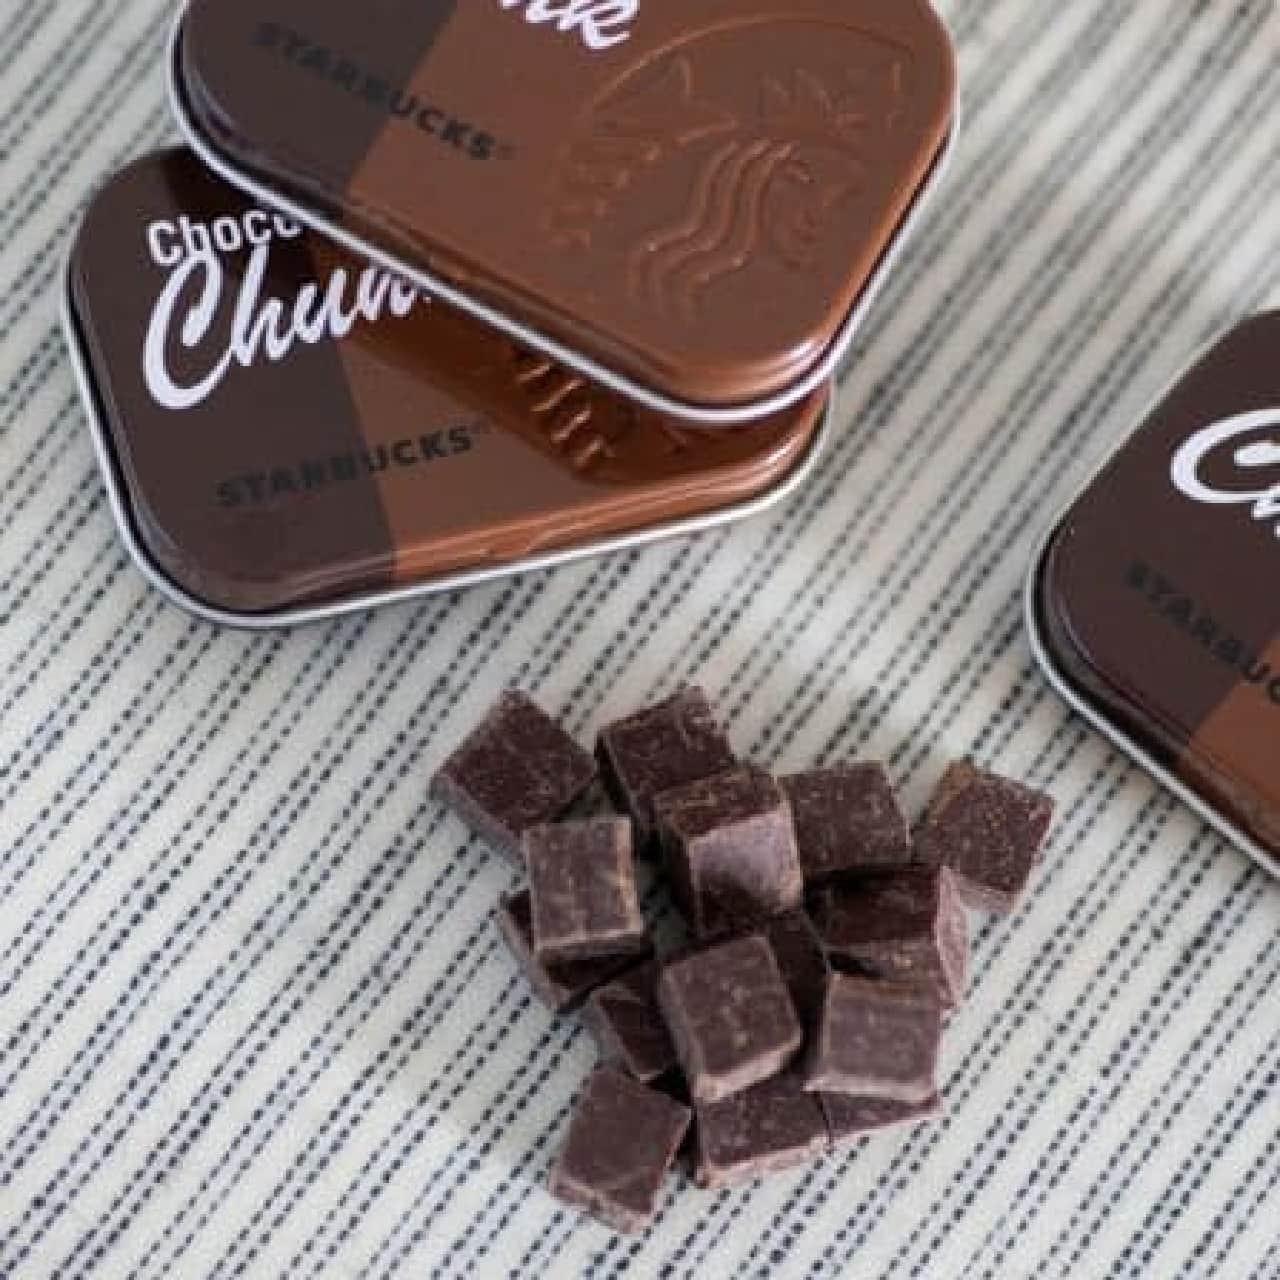 スターバックス「チョコレートチャンク」